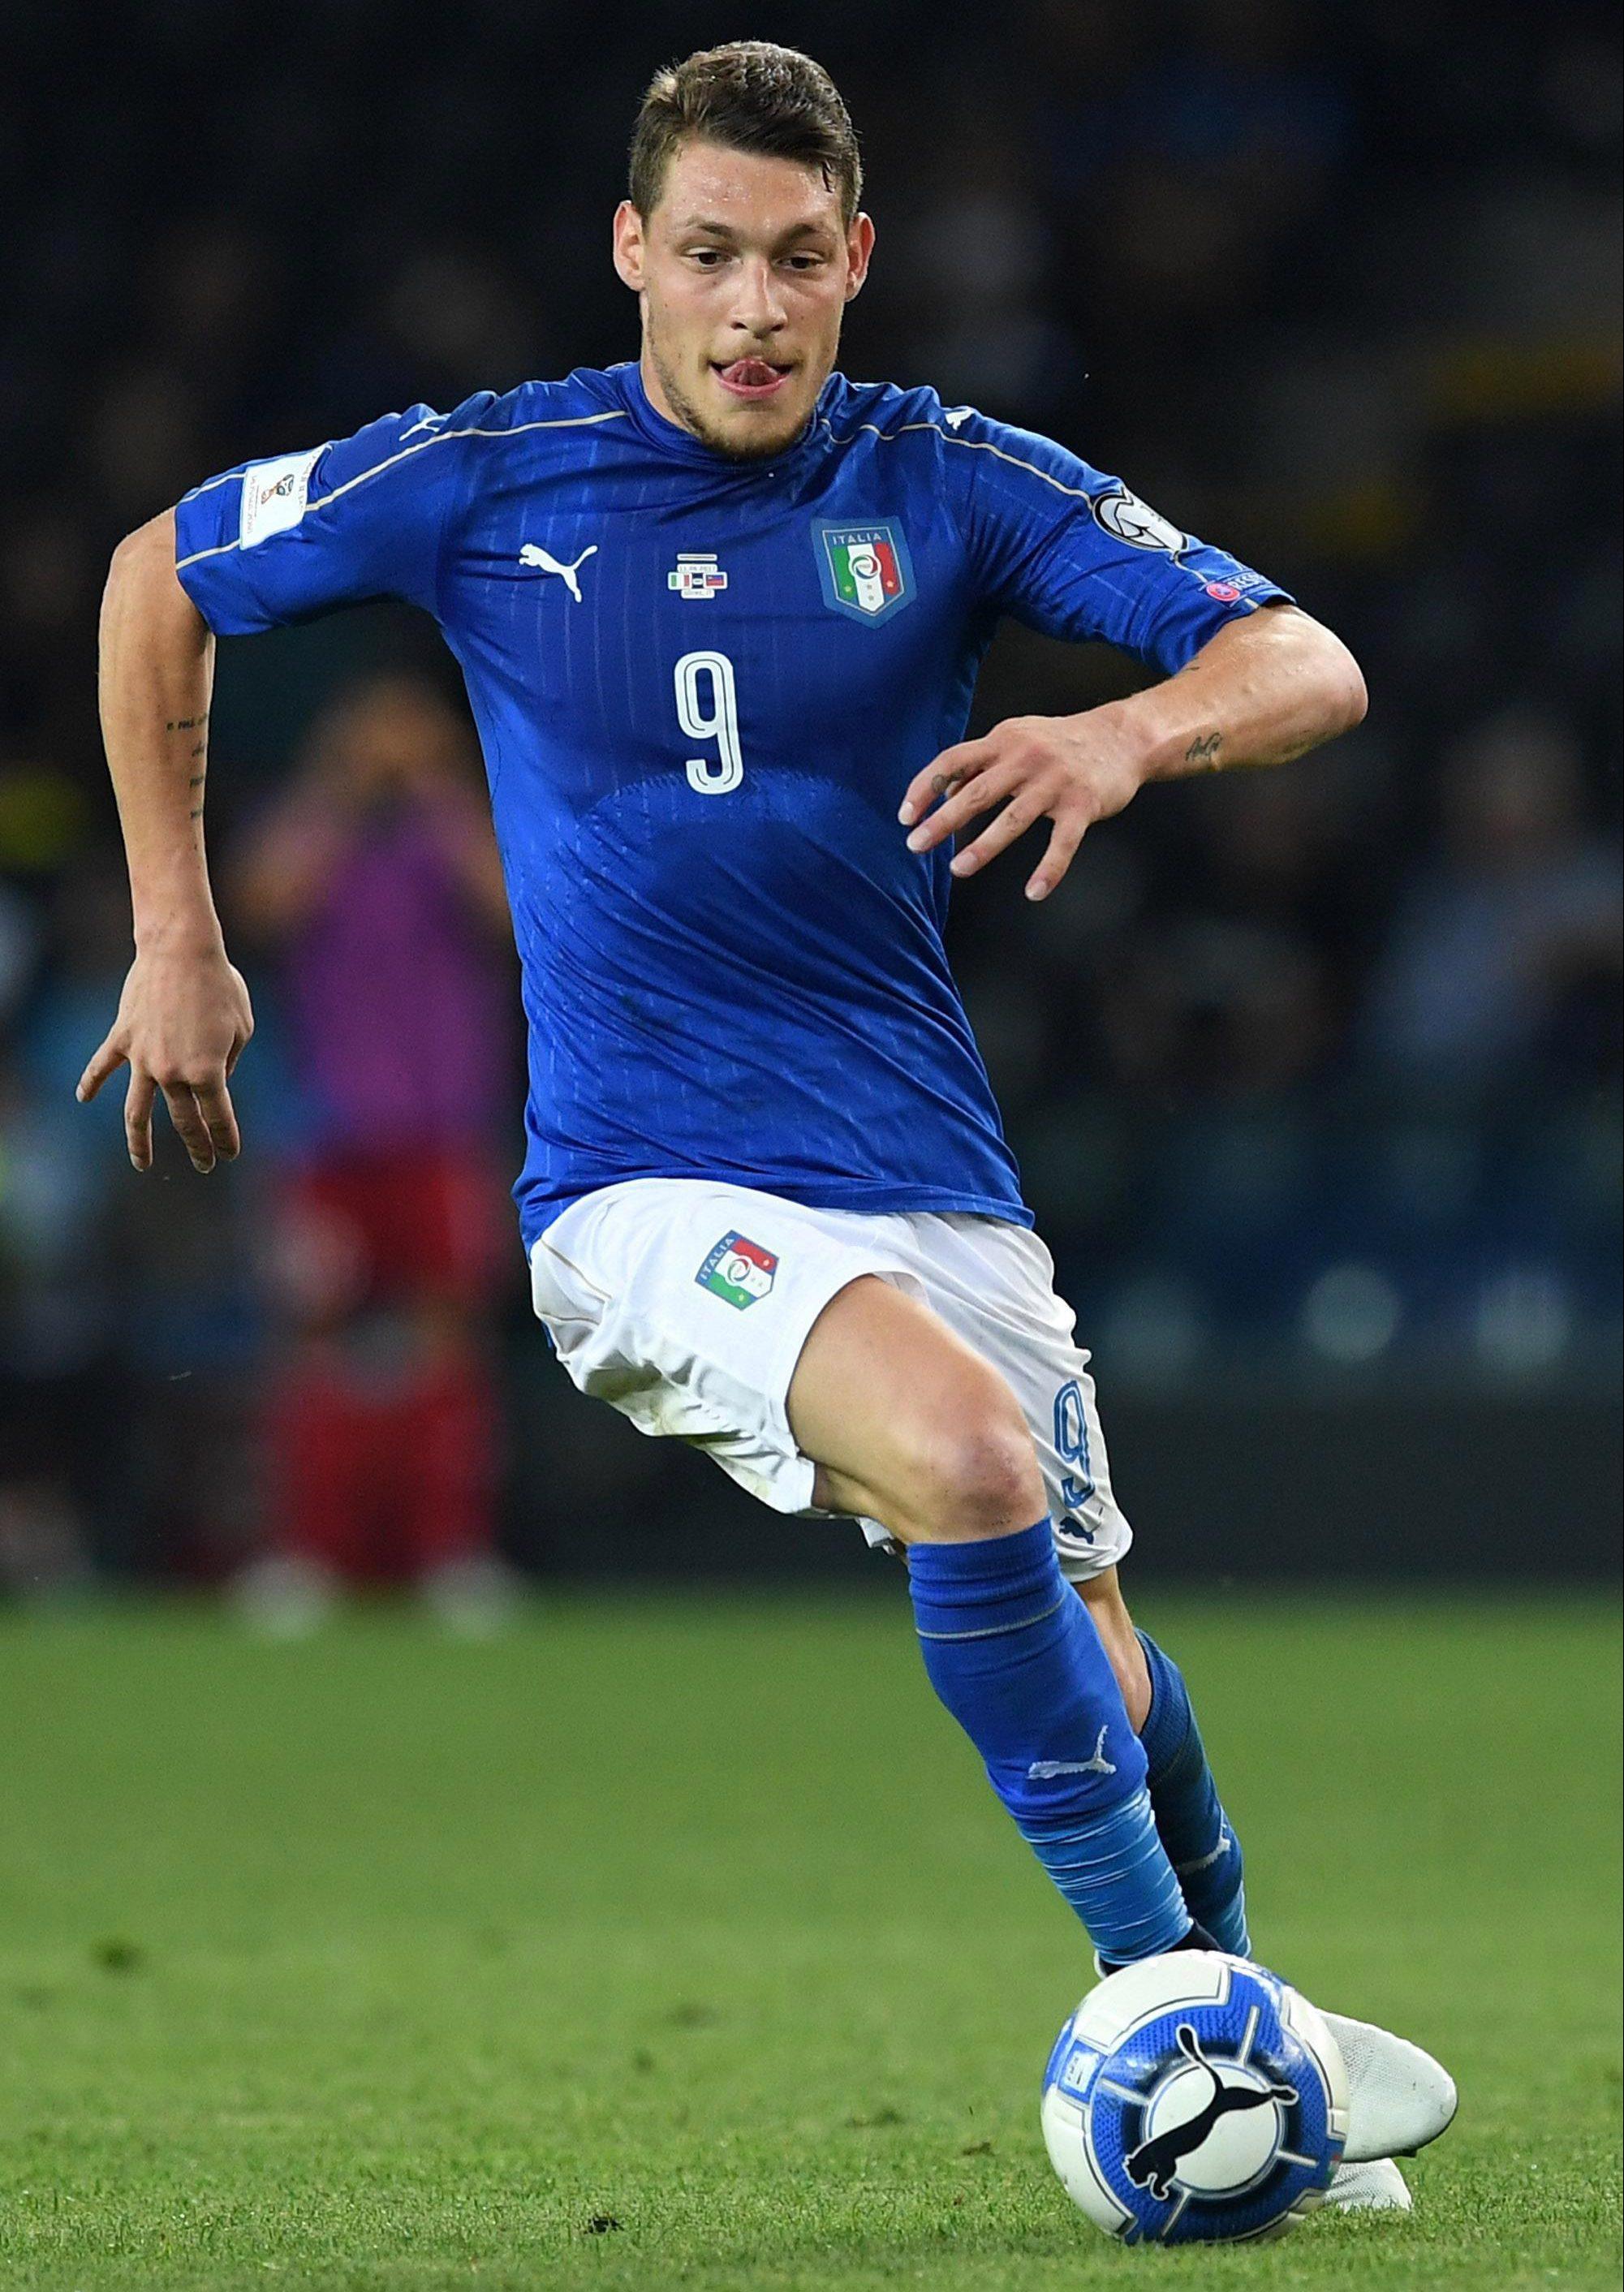 Insigne helps provide firepwer alongside Andrea Belotti for Italy